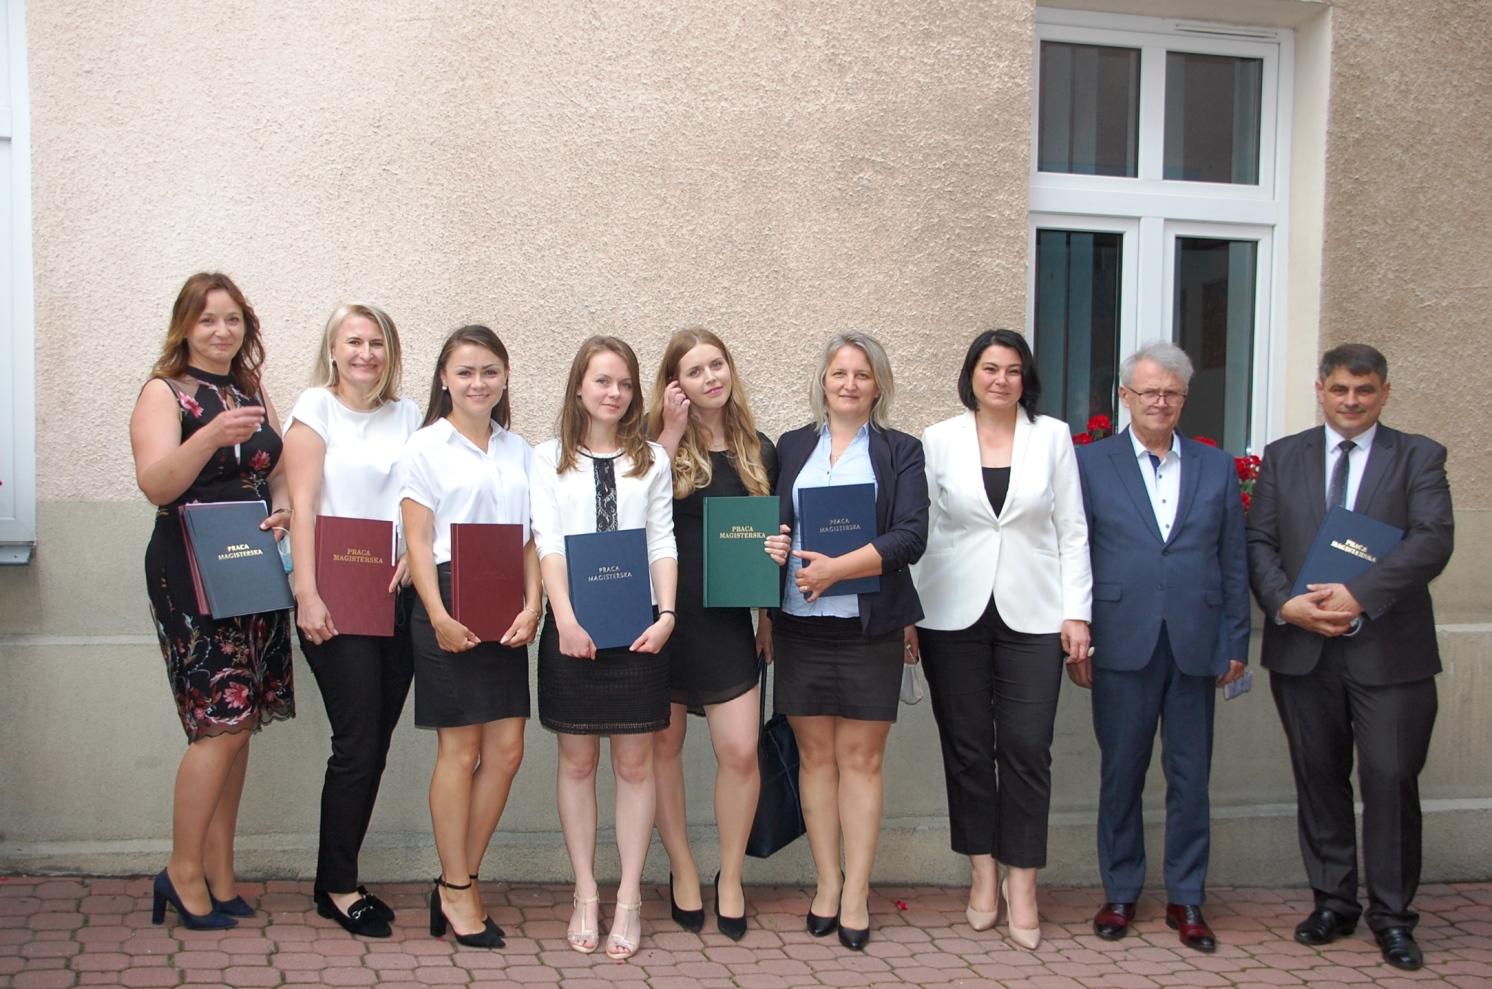 Studenci z członkami komisji egzaminacyjnej na dziedzińcu budynku przy Szerokiej 9. Drugi z prawej mgr Witold Zych, Trzecia z prawej - dr Anna Wojtowicz